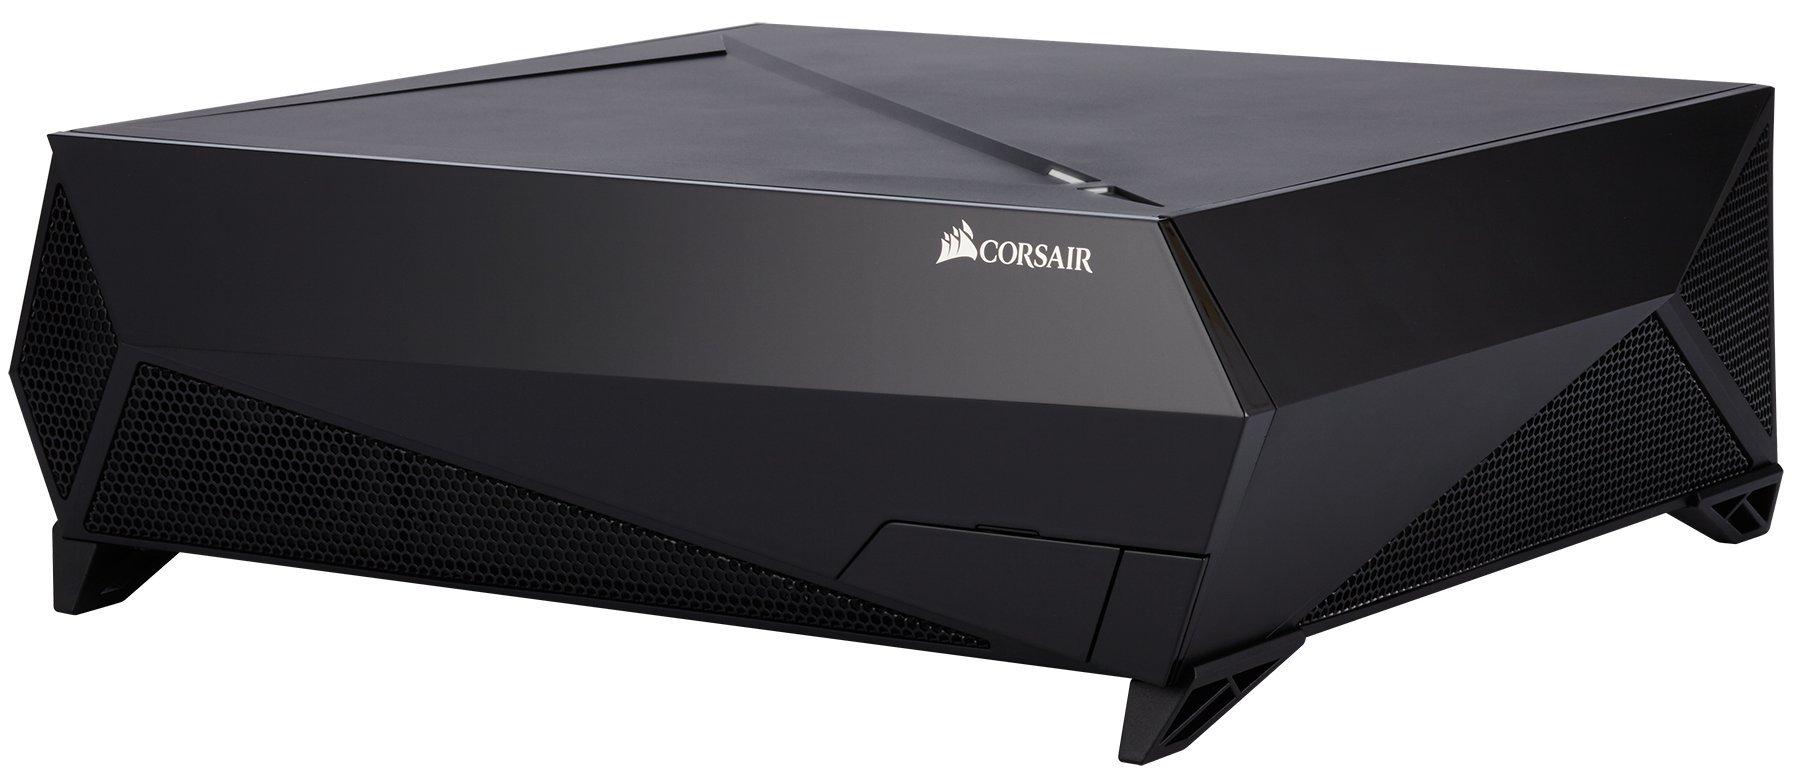 CORSAIR Bulldog (2.0) High Performance PC Barebone Kit